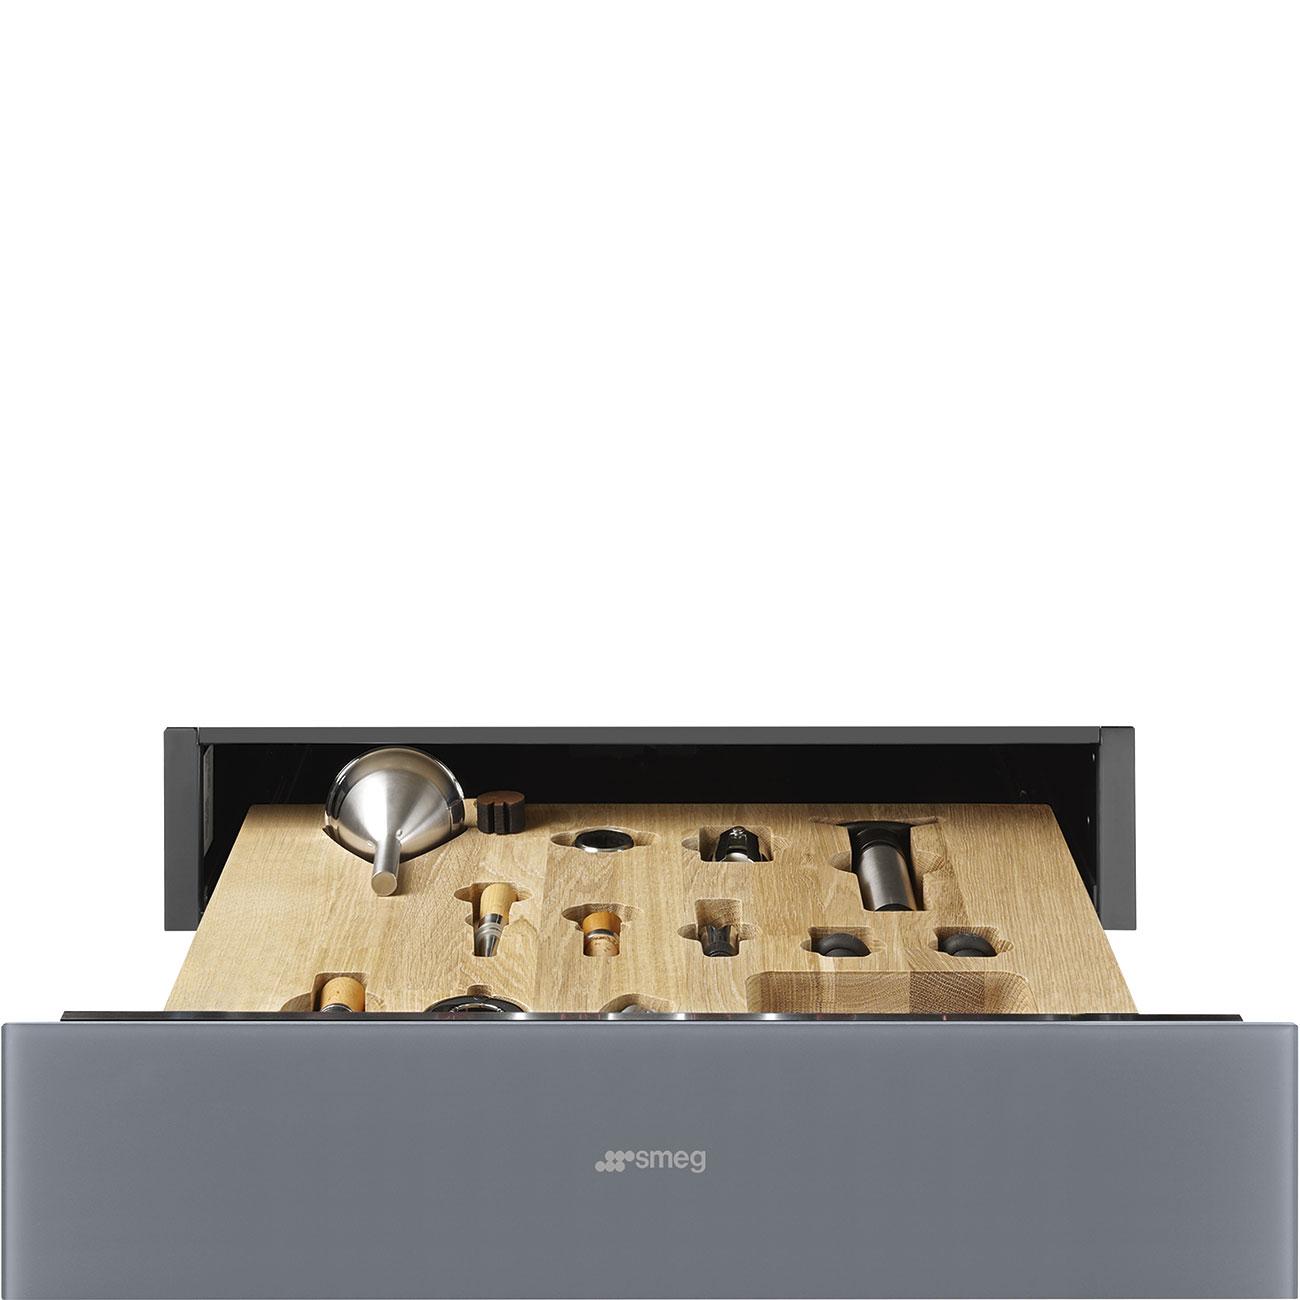 Smeg CPS115S Einbau-Sommelierschublade Silberglas